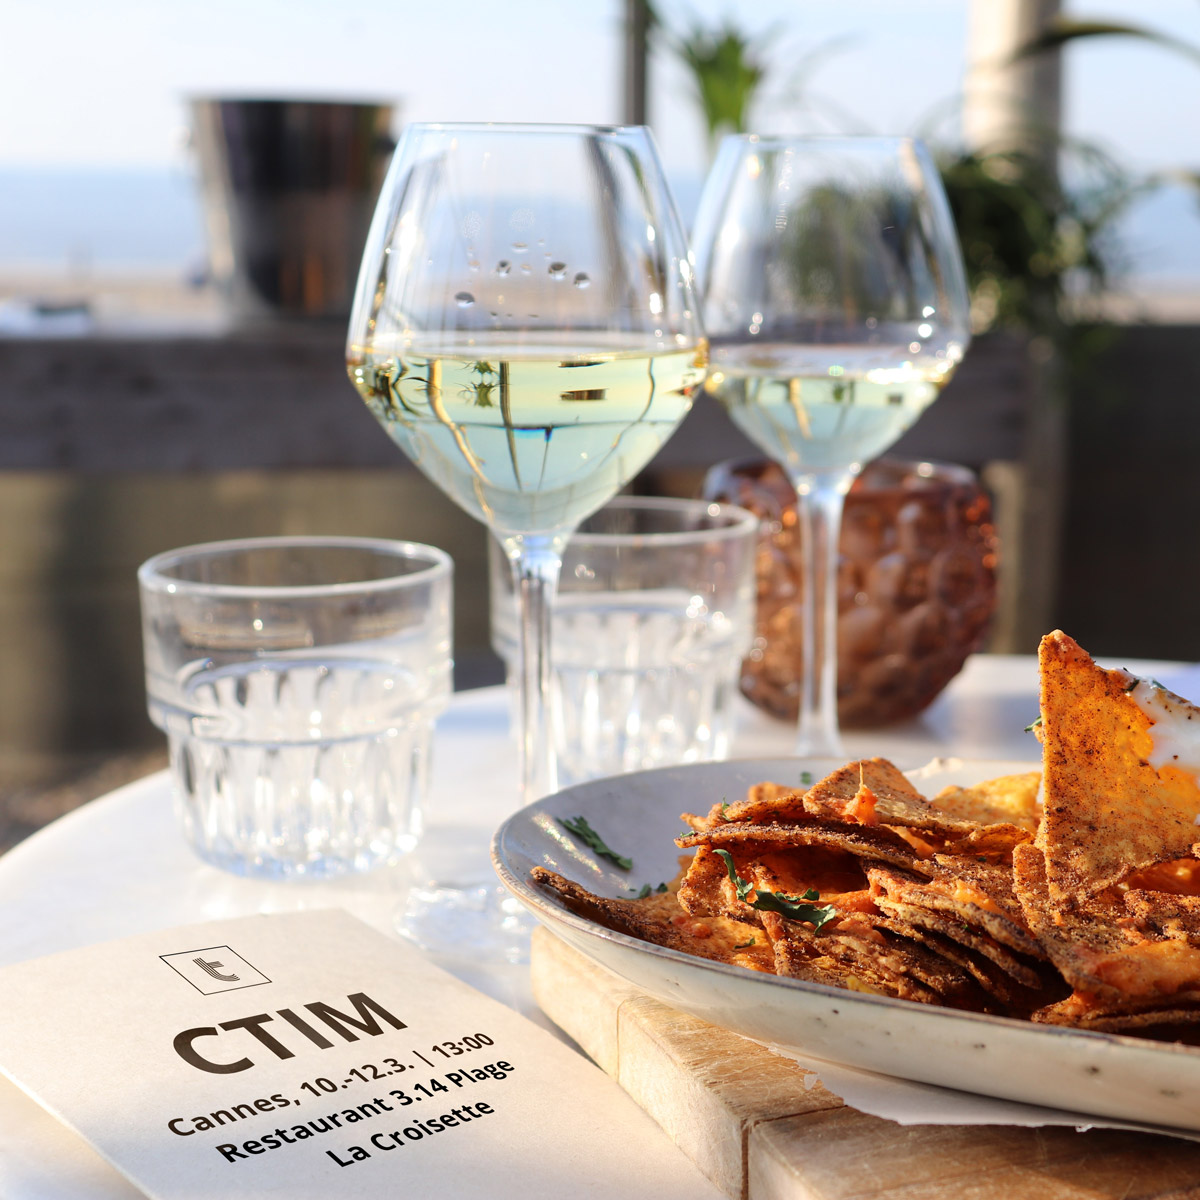 Information zur MIPIM Cannes 10.03.-12.03. -  13 Uhr im Strandrestaurant 3.14 Plage La Croisette reserviert  https://t.co/K1GJ9ESNUS  Tolle Immobilien +49 30 89669917 +49 172 39 88 180 #Immobilien #concierge #eConcierge #tolleimmobilien #Makler #verkauf #corvintolle [Werbung] https://t.co/mzupgbZZvb